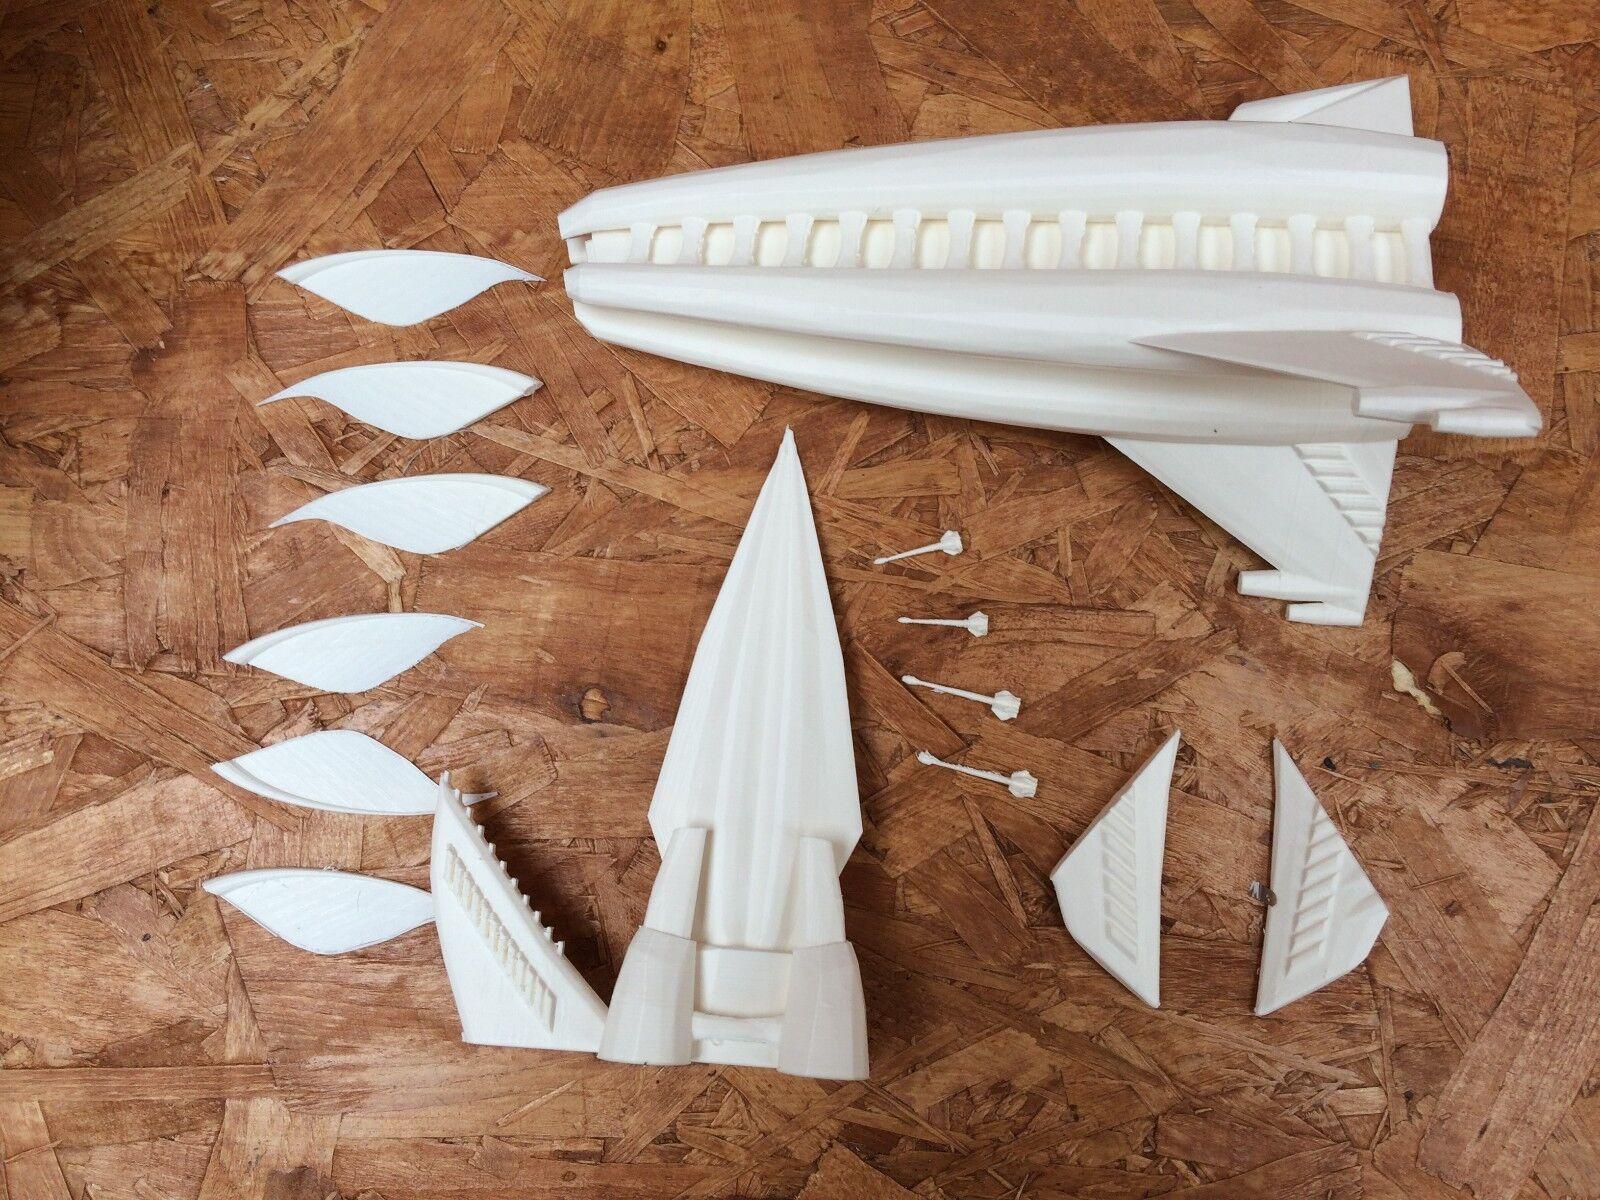 Minbari Tinashi - Model Kit - Babylon 5 - 12 inches (30 cm) long - c w Stand